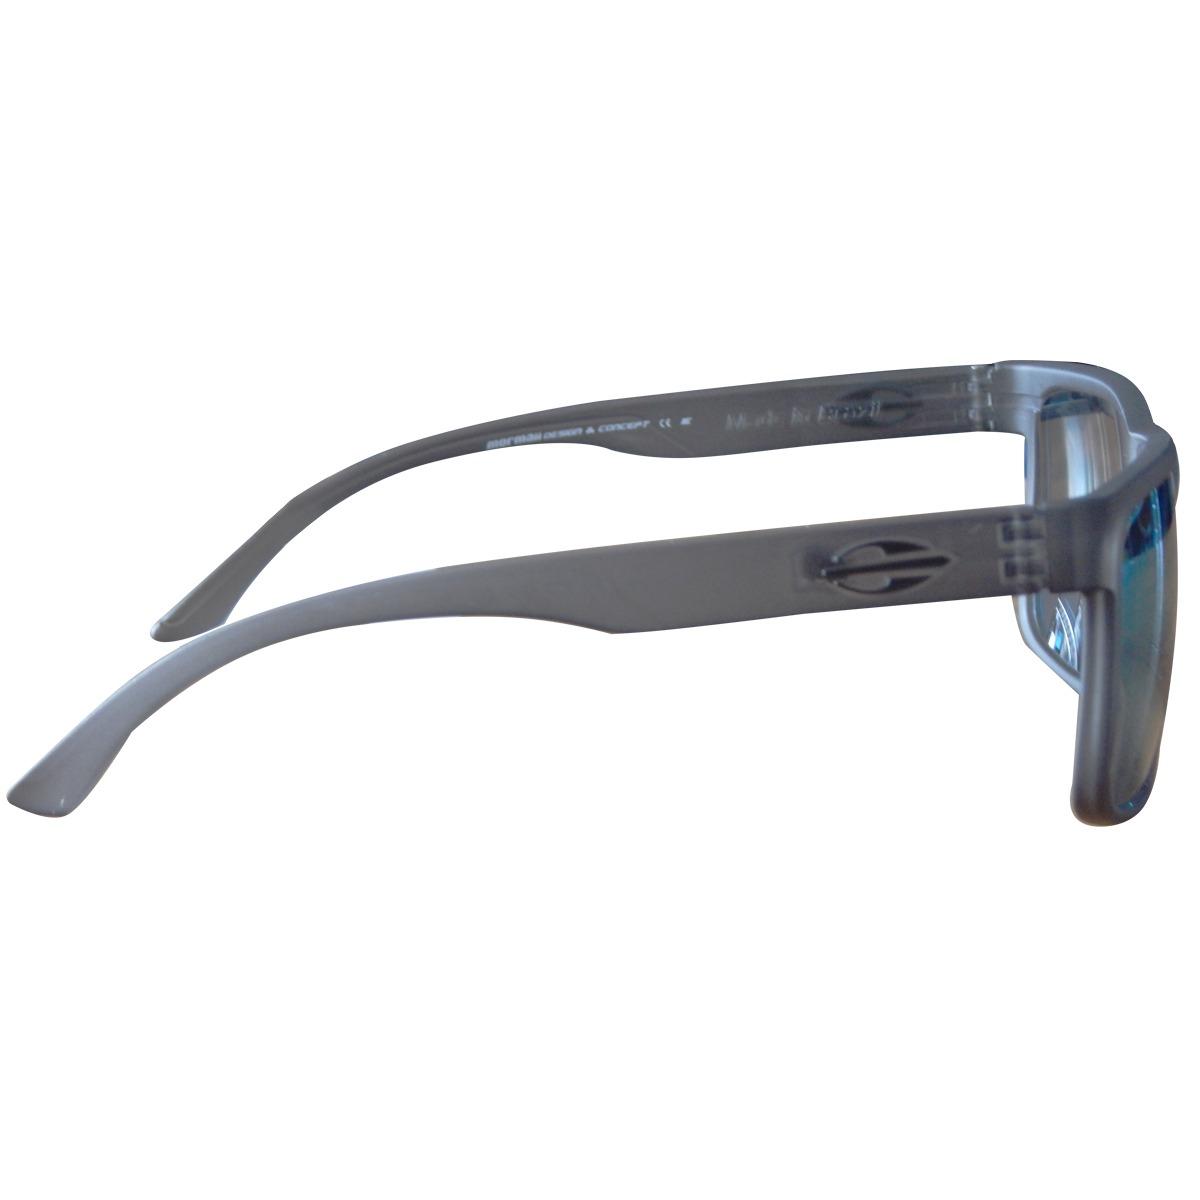 3ab8bb0940cc1 Óculos Mormaii Monterey Preto Fume Fosco  Lente Verde - R  249,90 em ...